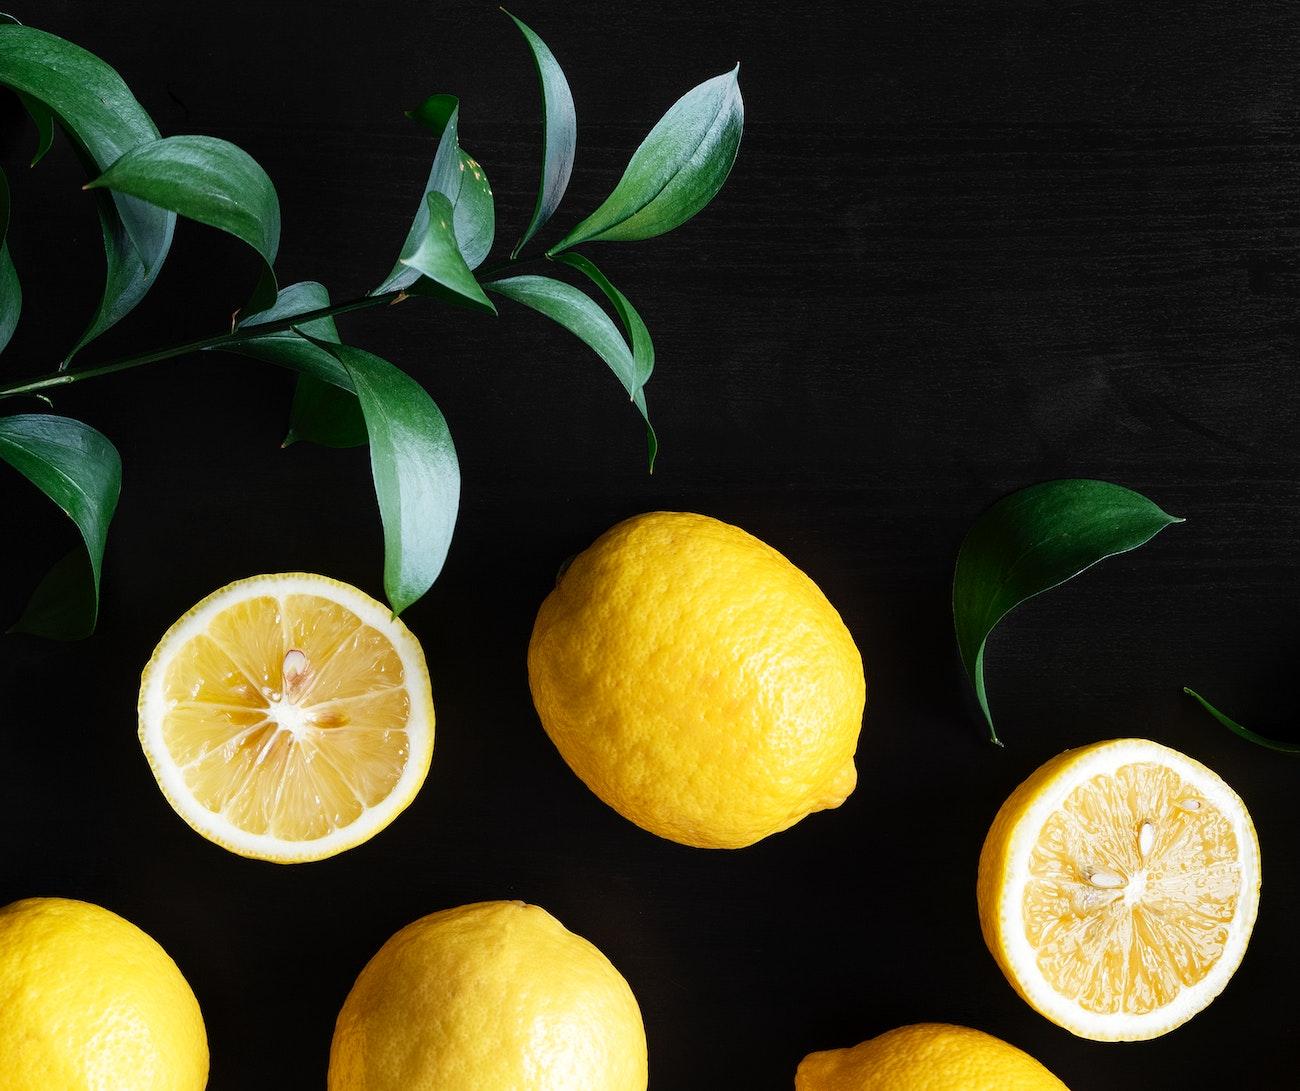 Fresh yellow lemons on black background | Royalty free photo - 400605